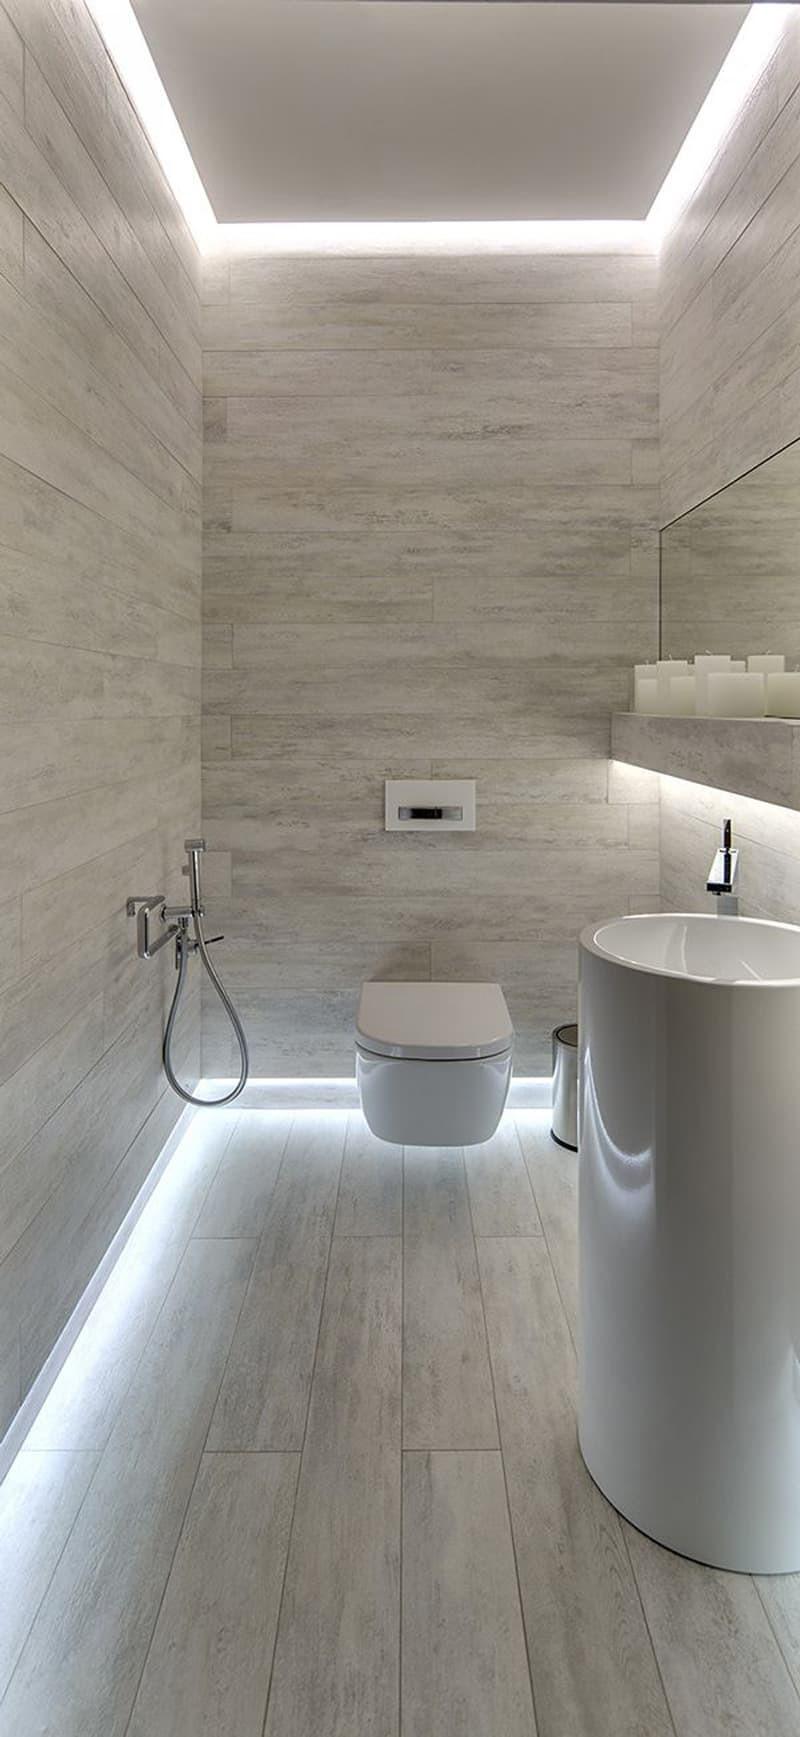 Led Bathroom Light Bulbs Elegant How to Light Your Bathroom Right